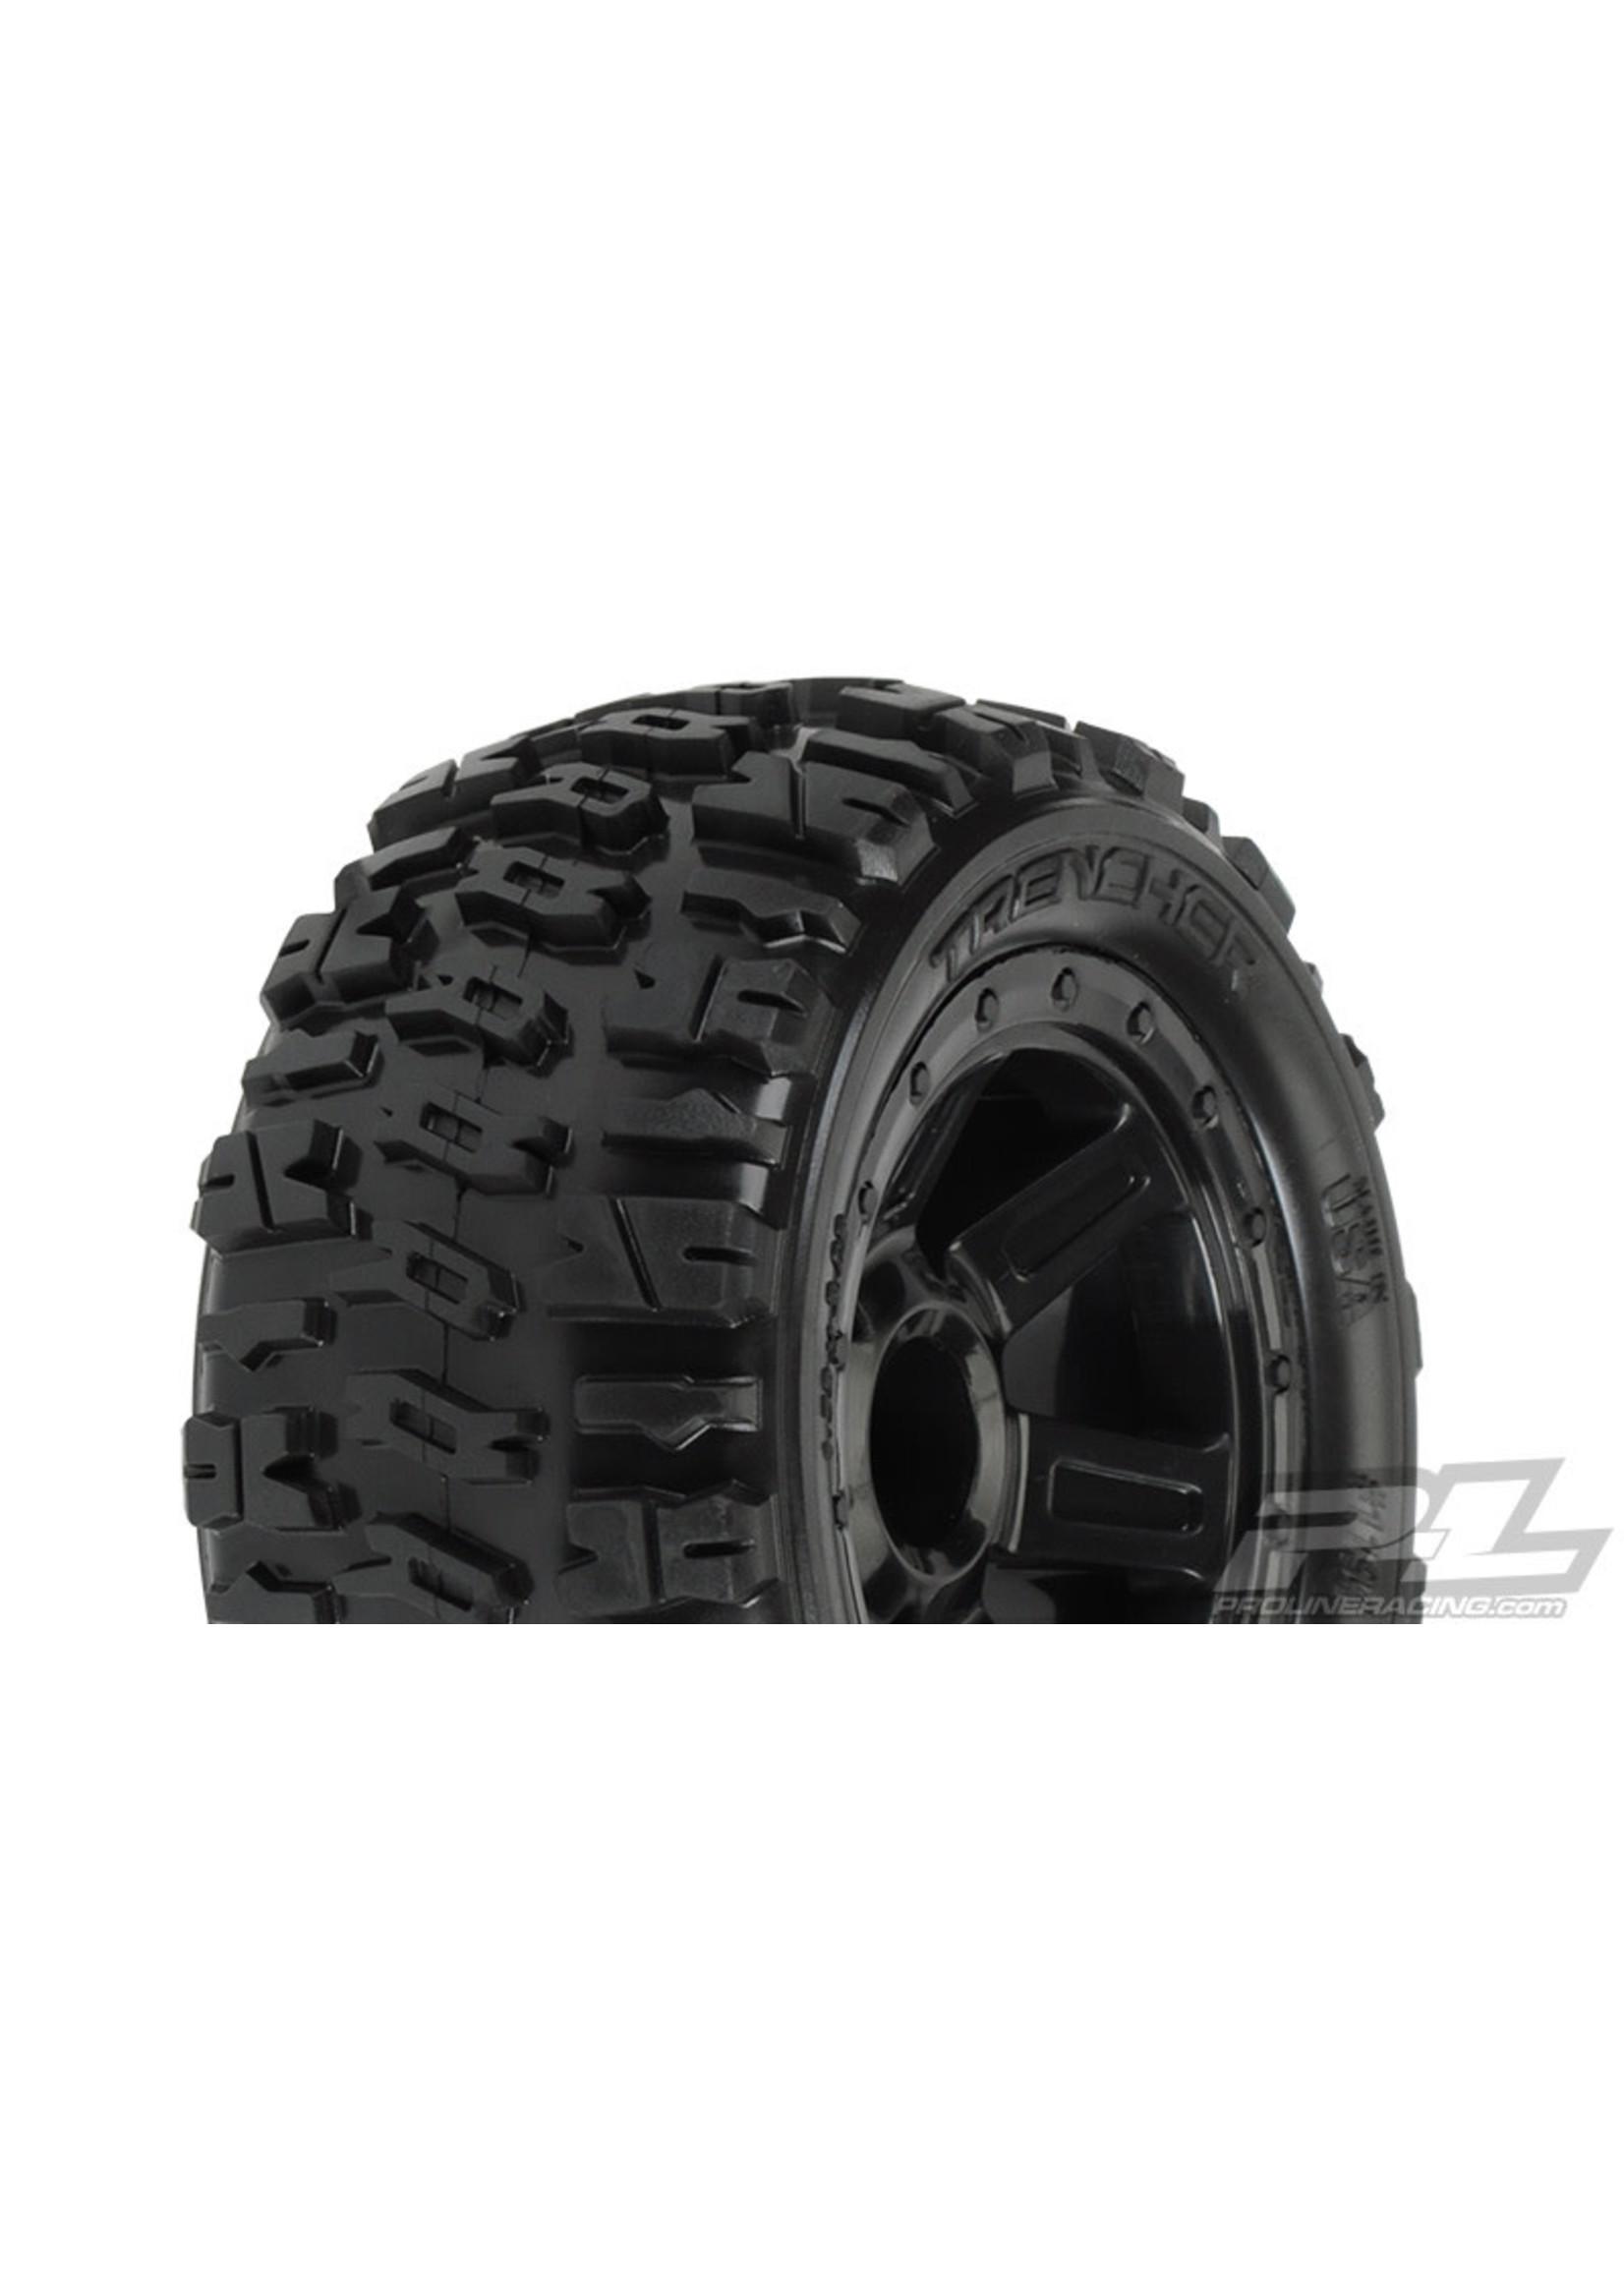 Pro-Line Racing PRO1194-11 Pro-Line 1/16 Trencher 2.2 M2 Tire Mnt Desperado Whl:ERevo